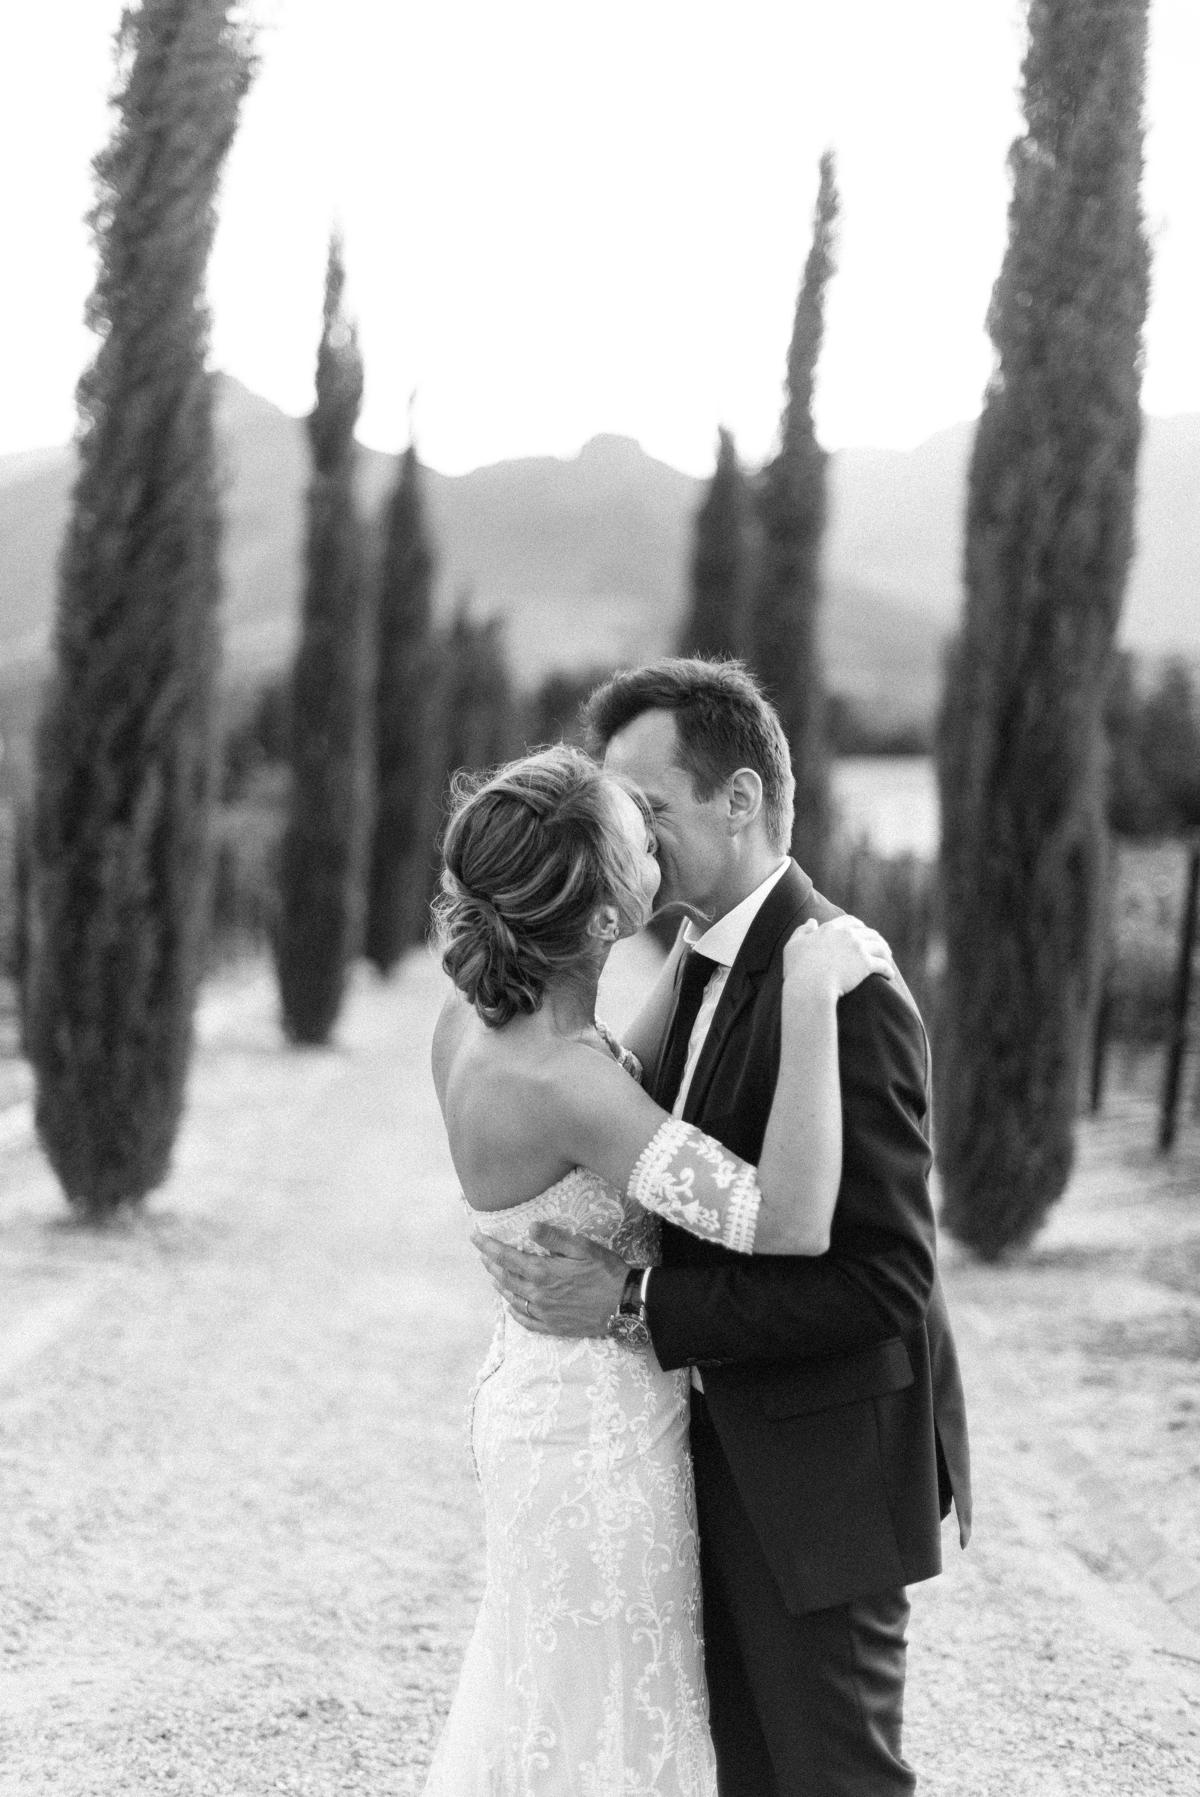 dehan-engelbrecht-scandinavian-wedding-film-photographer-franschhoek-south-africa-044.jpg